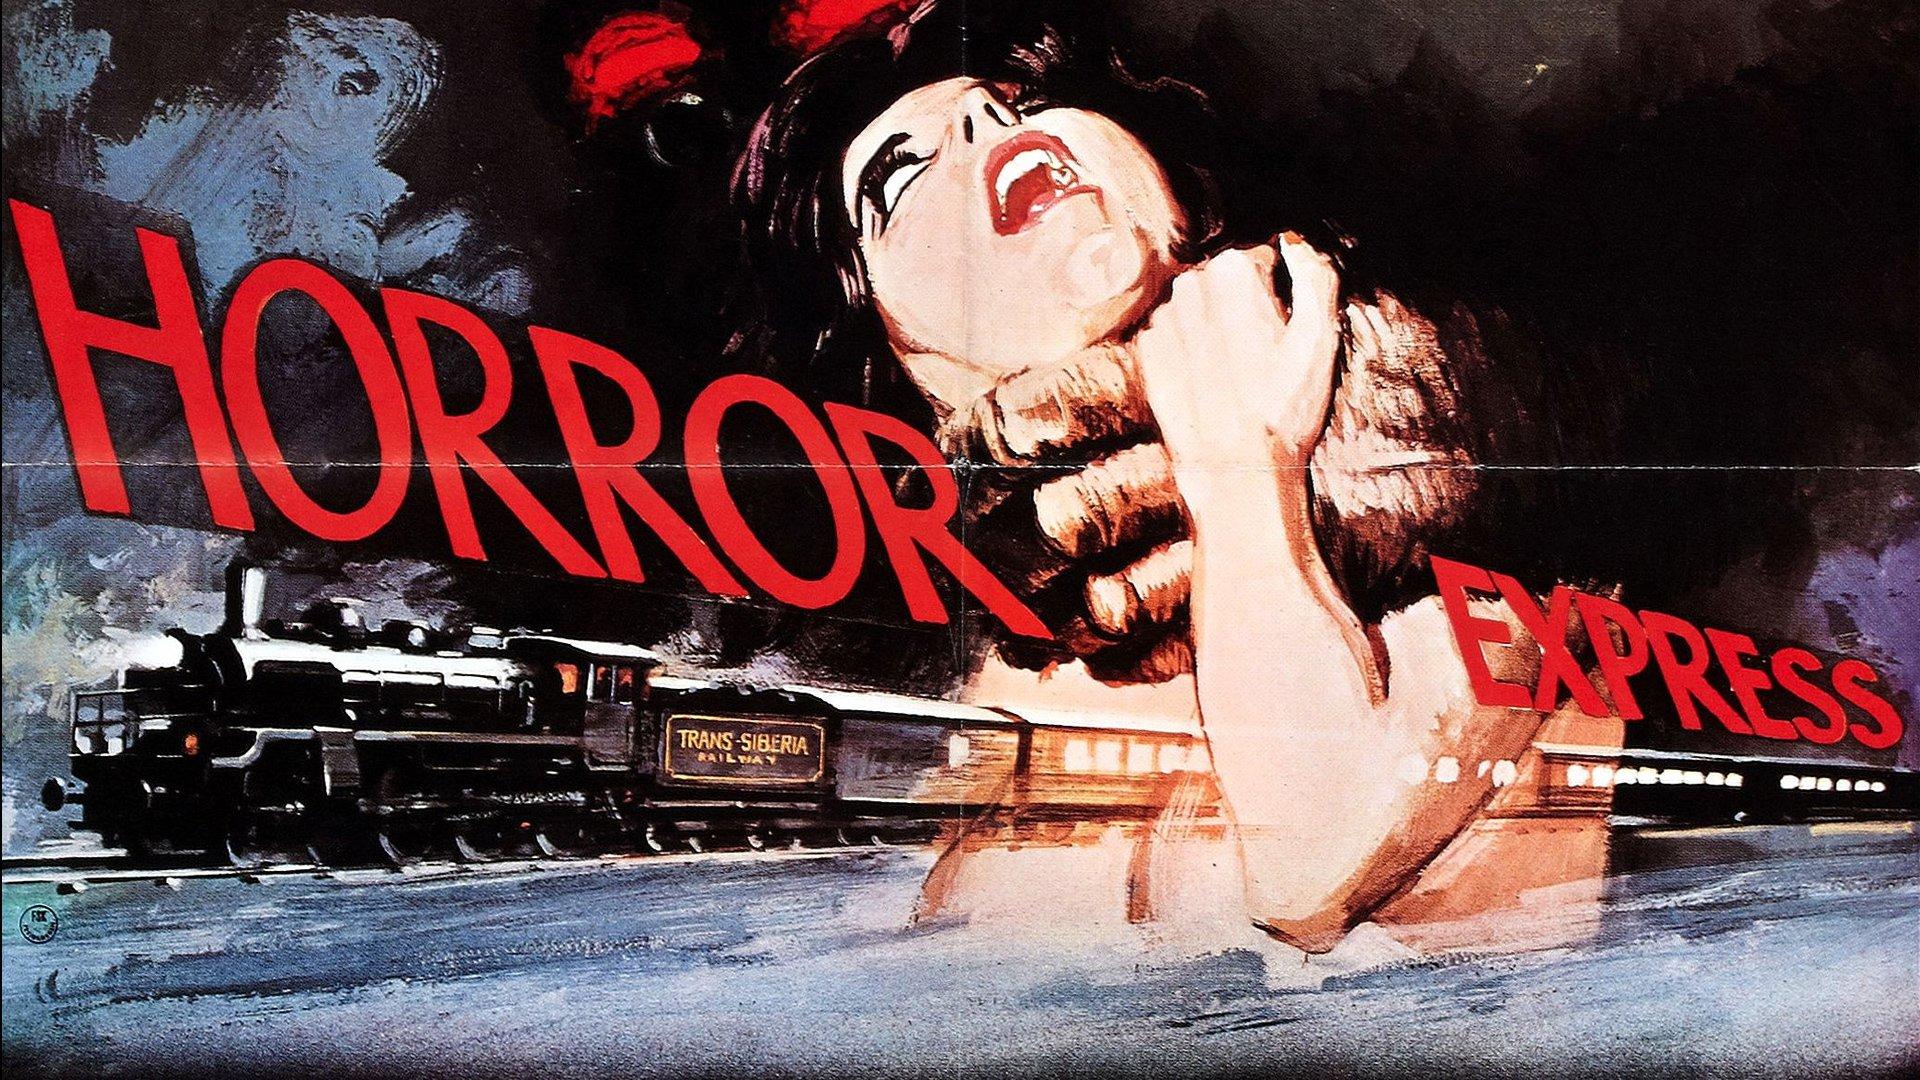 Поезд ужасов смотреть фото